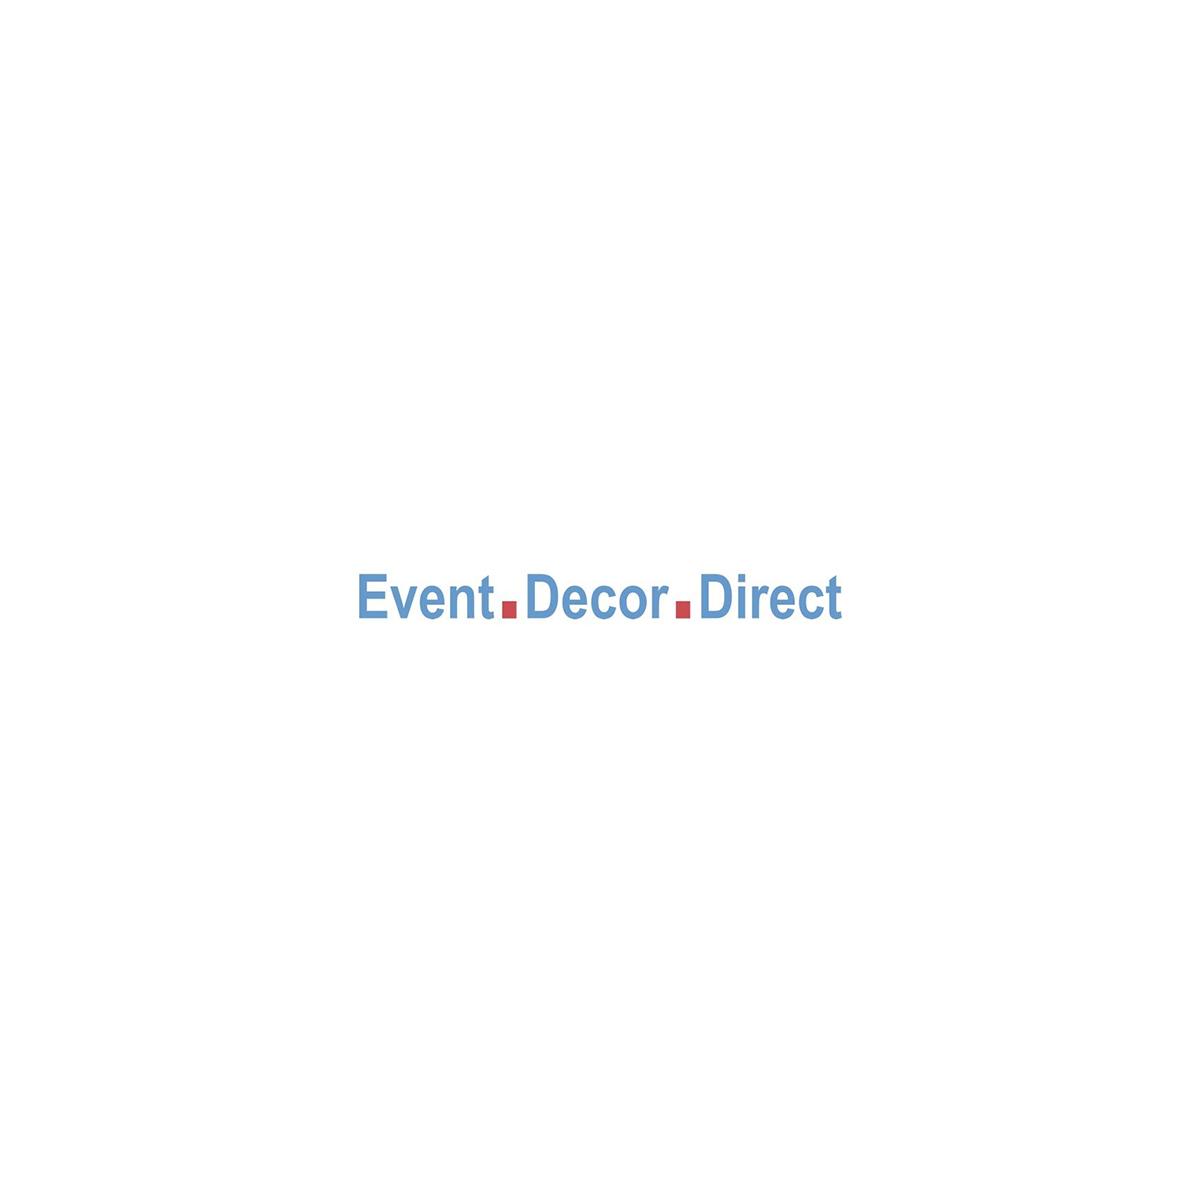 EventDecorDirect